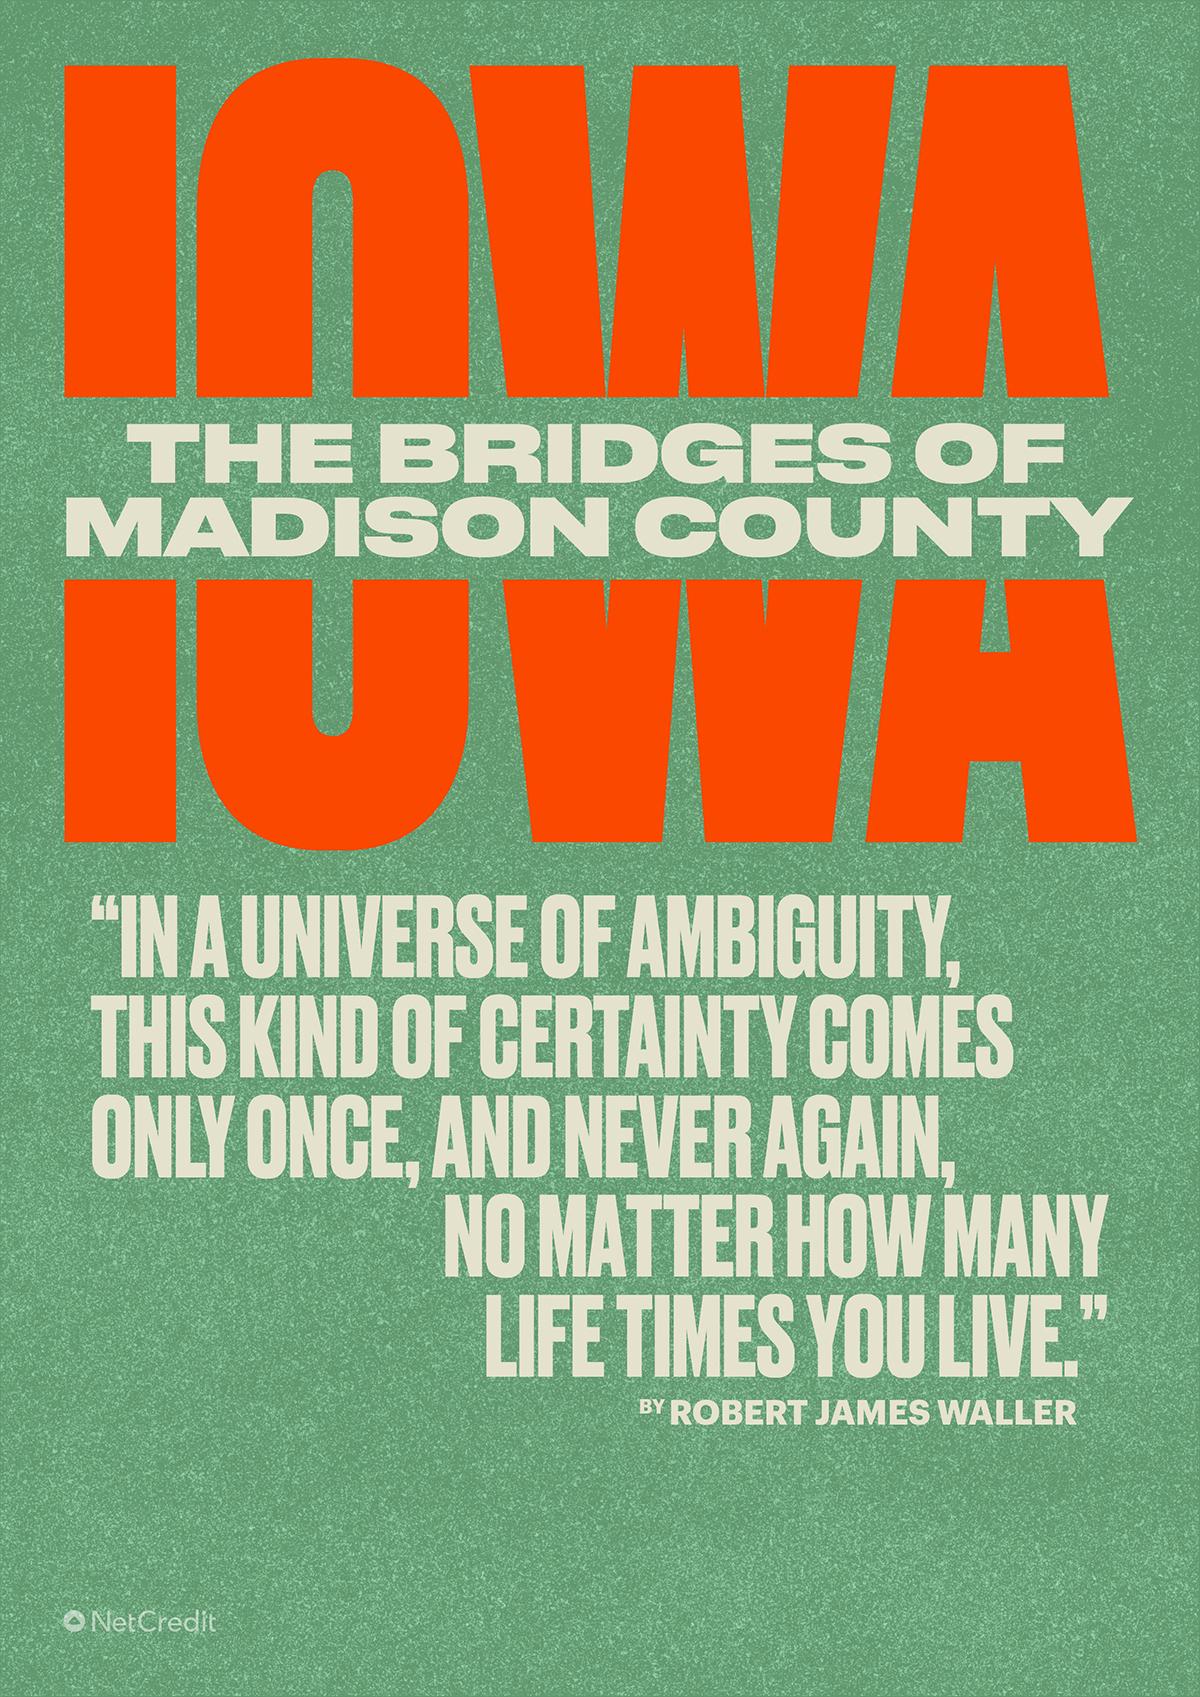 The Bridges of Madison County Iowa